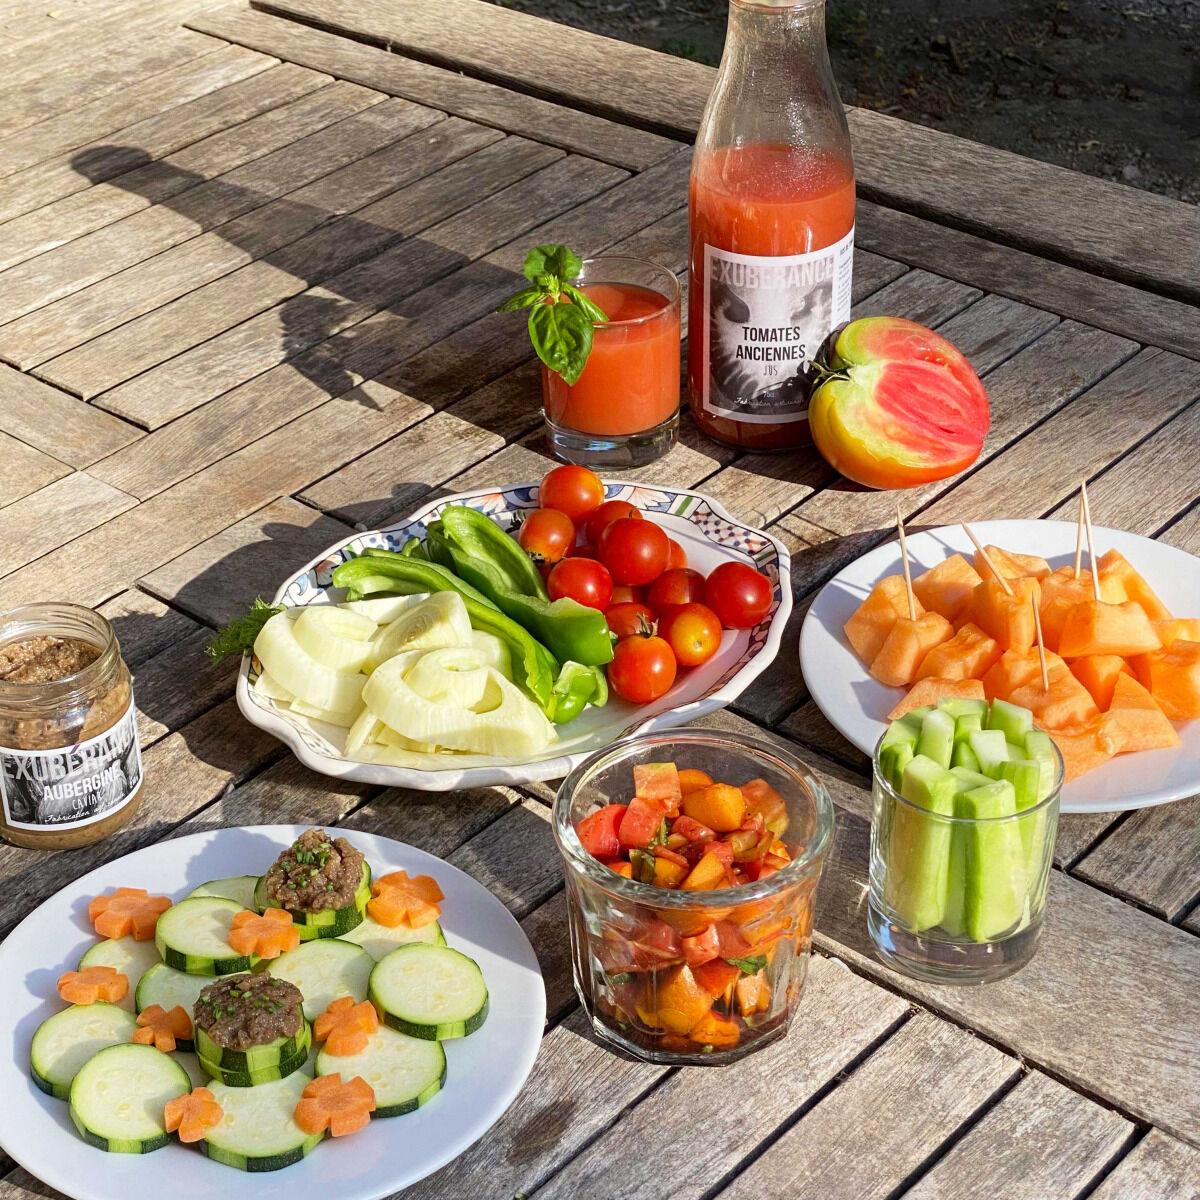 La Boite à Herbes Panier Apéro : fruits et légumes